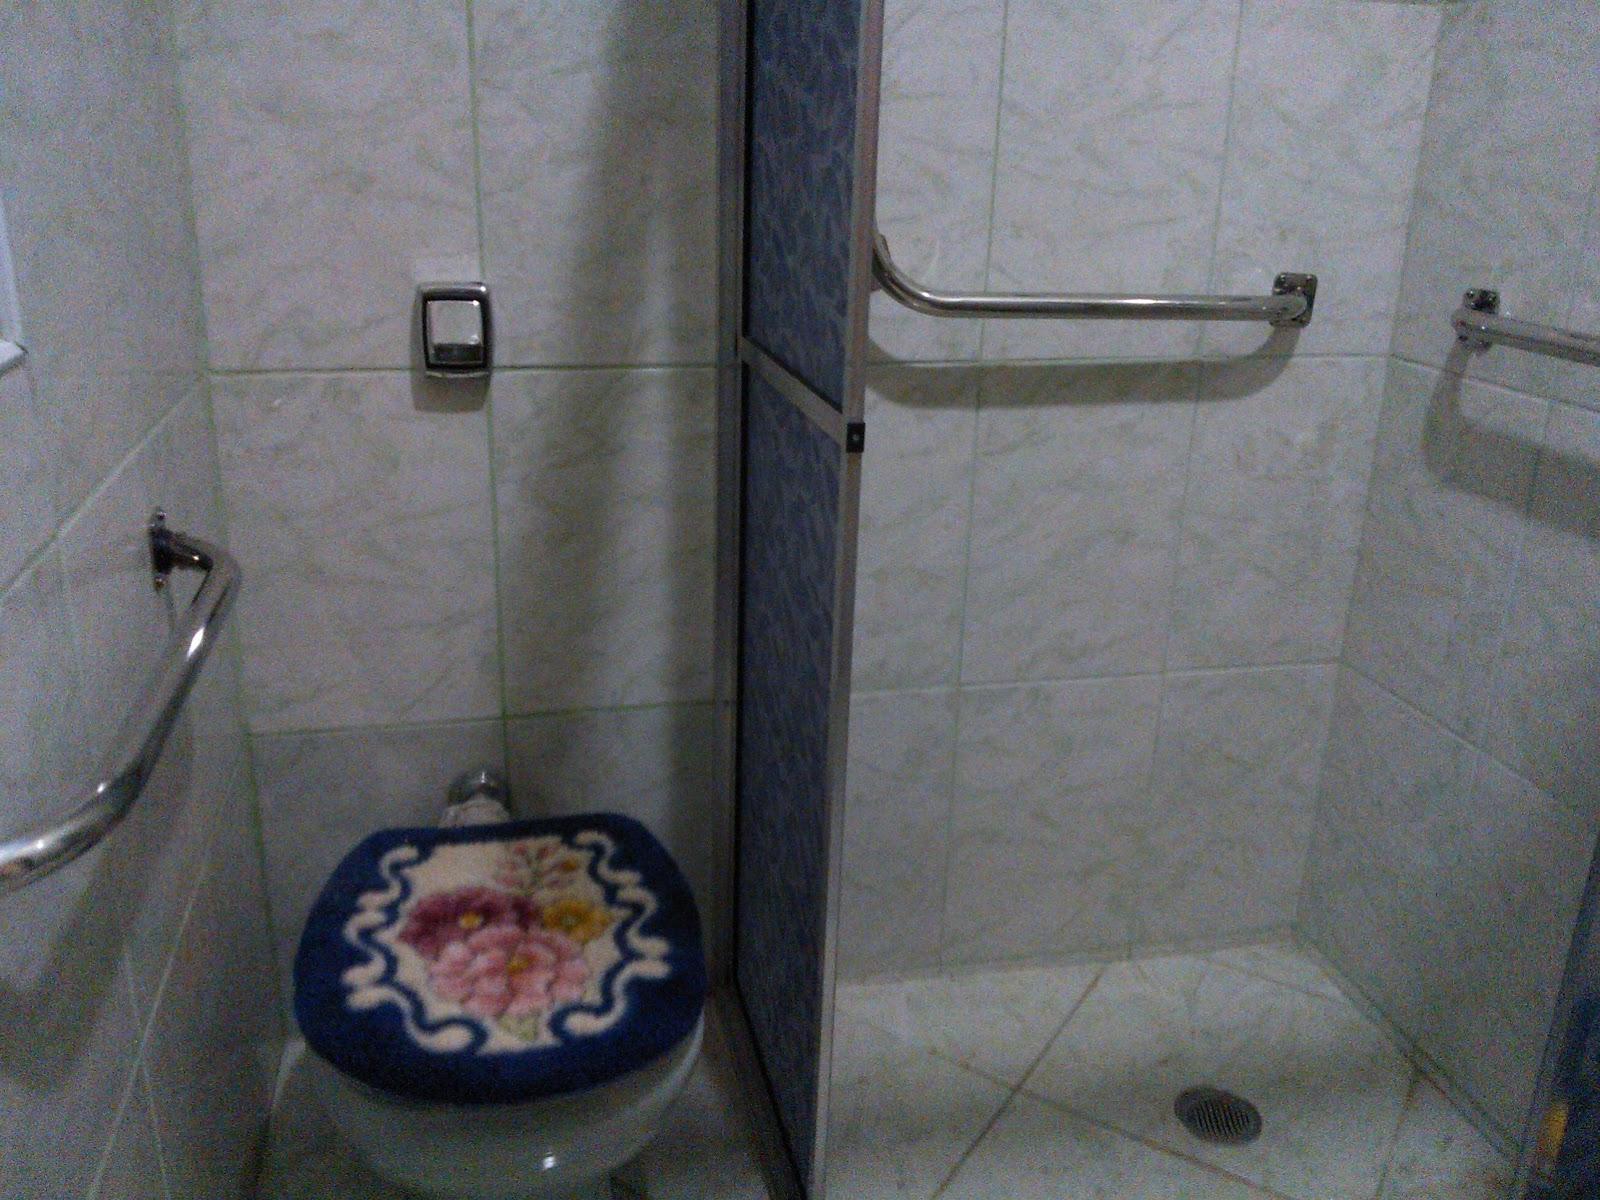 Barra de apoio instalada em box do chuveiro apara apoio de criança  #5E4C46 1600 1200